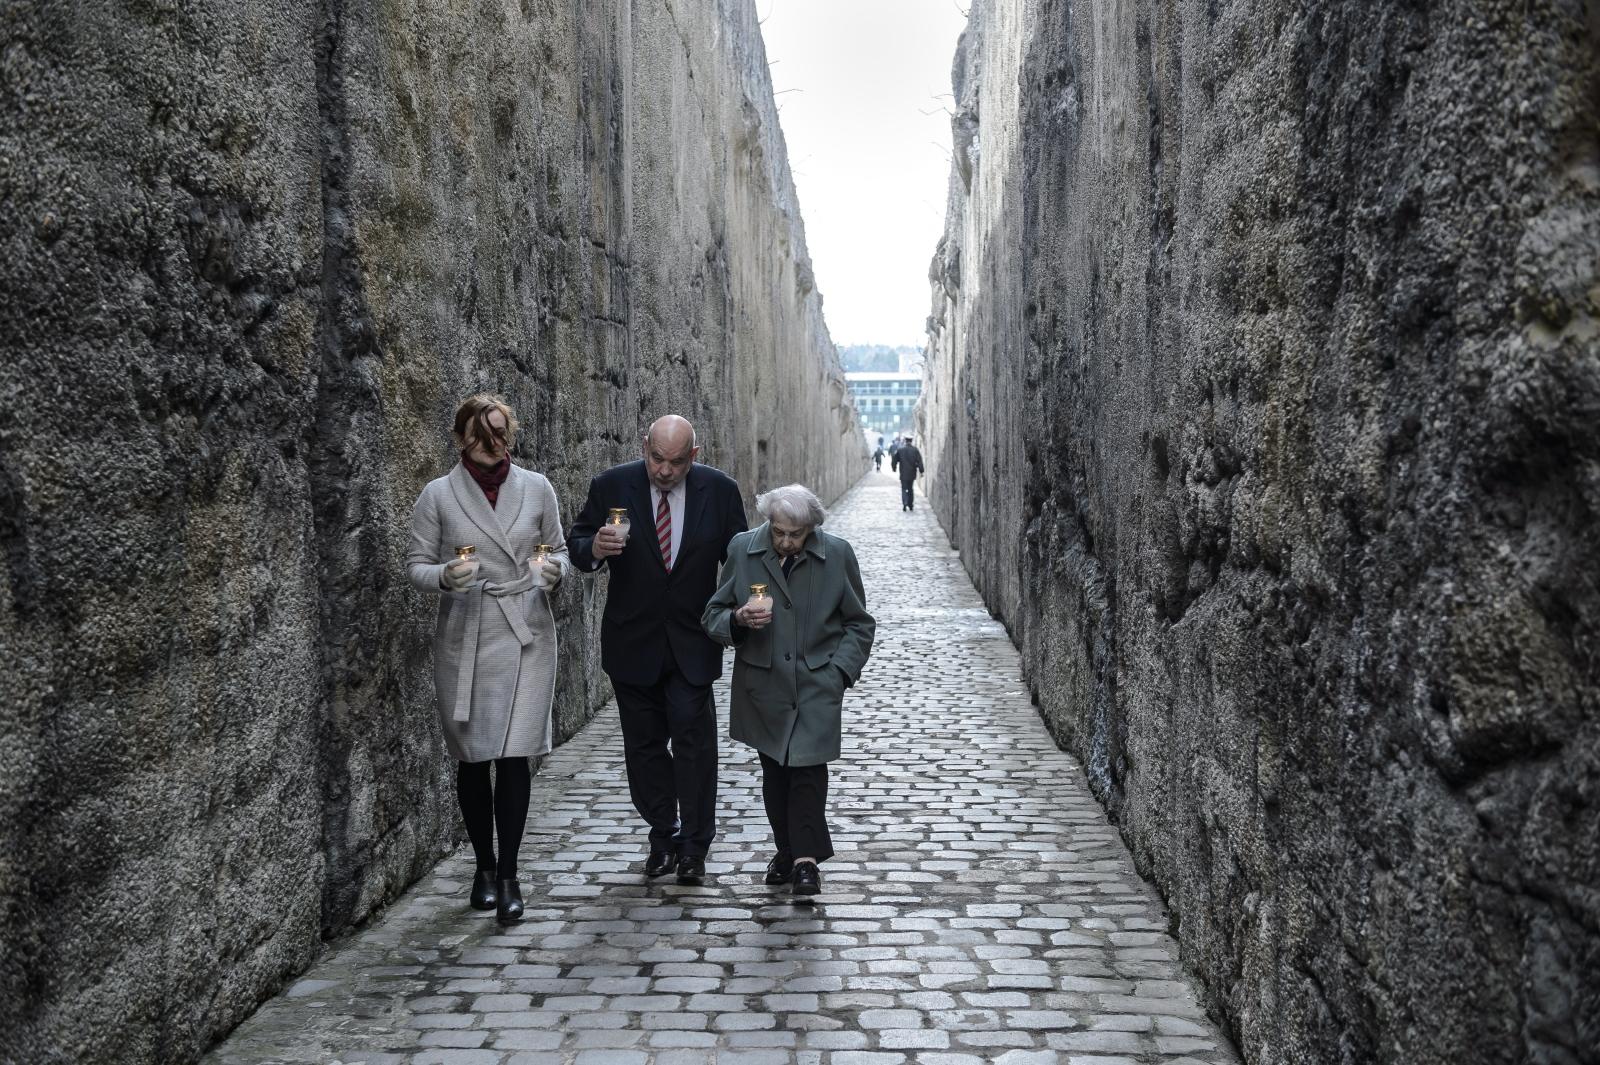 Uroczystości upamiętniające 75. rocznicę pierwszych masowych deportacji Żydów do niemieckiego obozu zagłady w Bełżcu. Fot. PAP/Wojciech Pacewicz